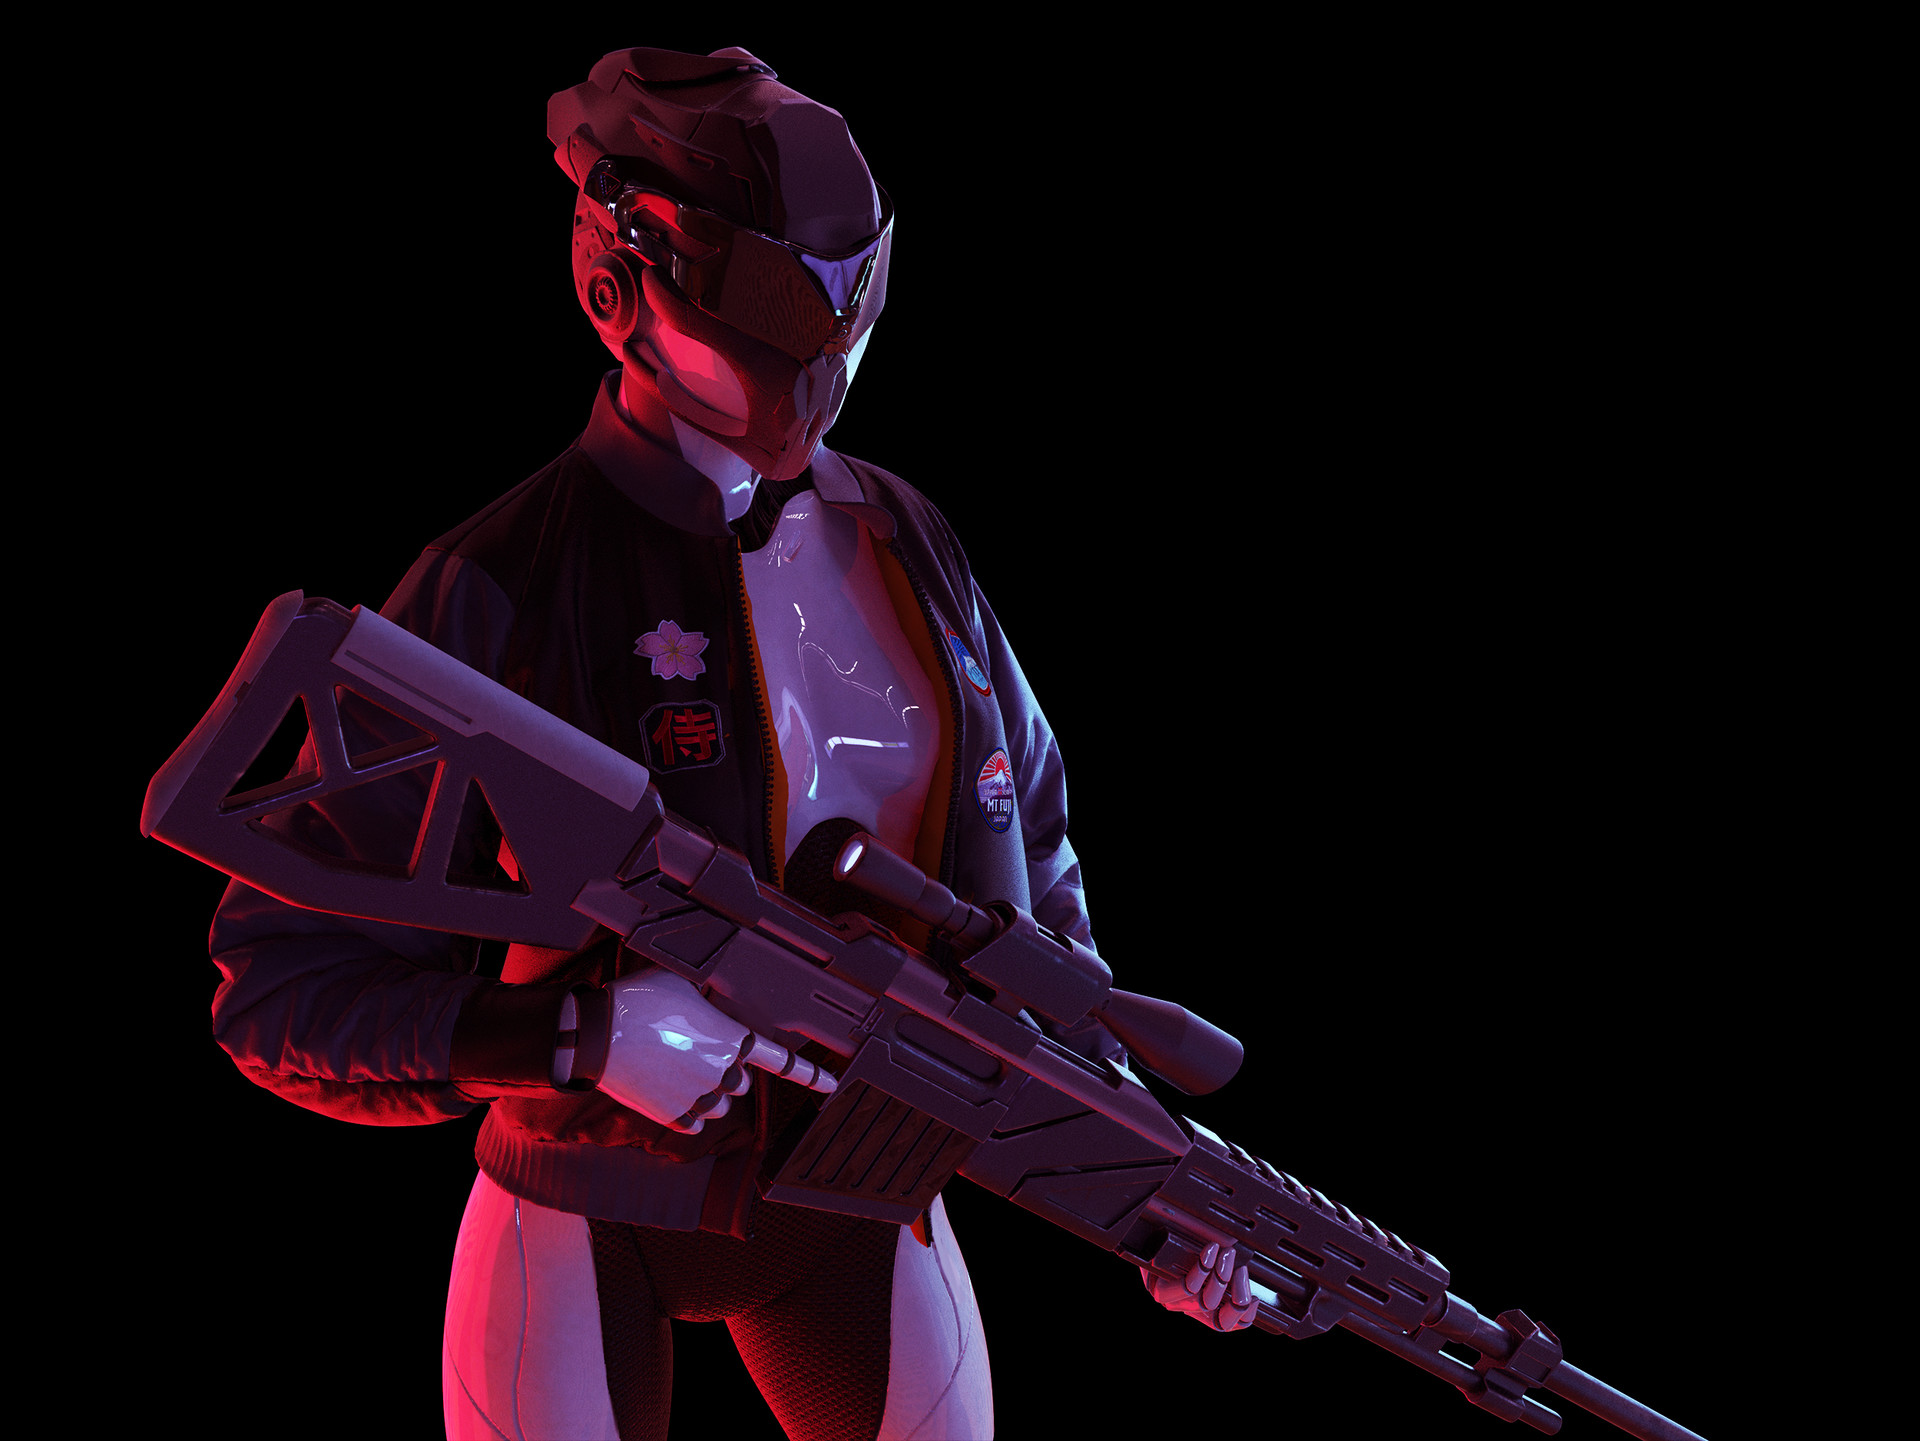 Tony skeor gun1111 4